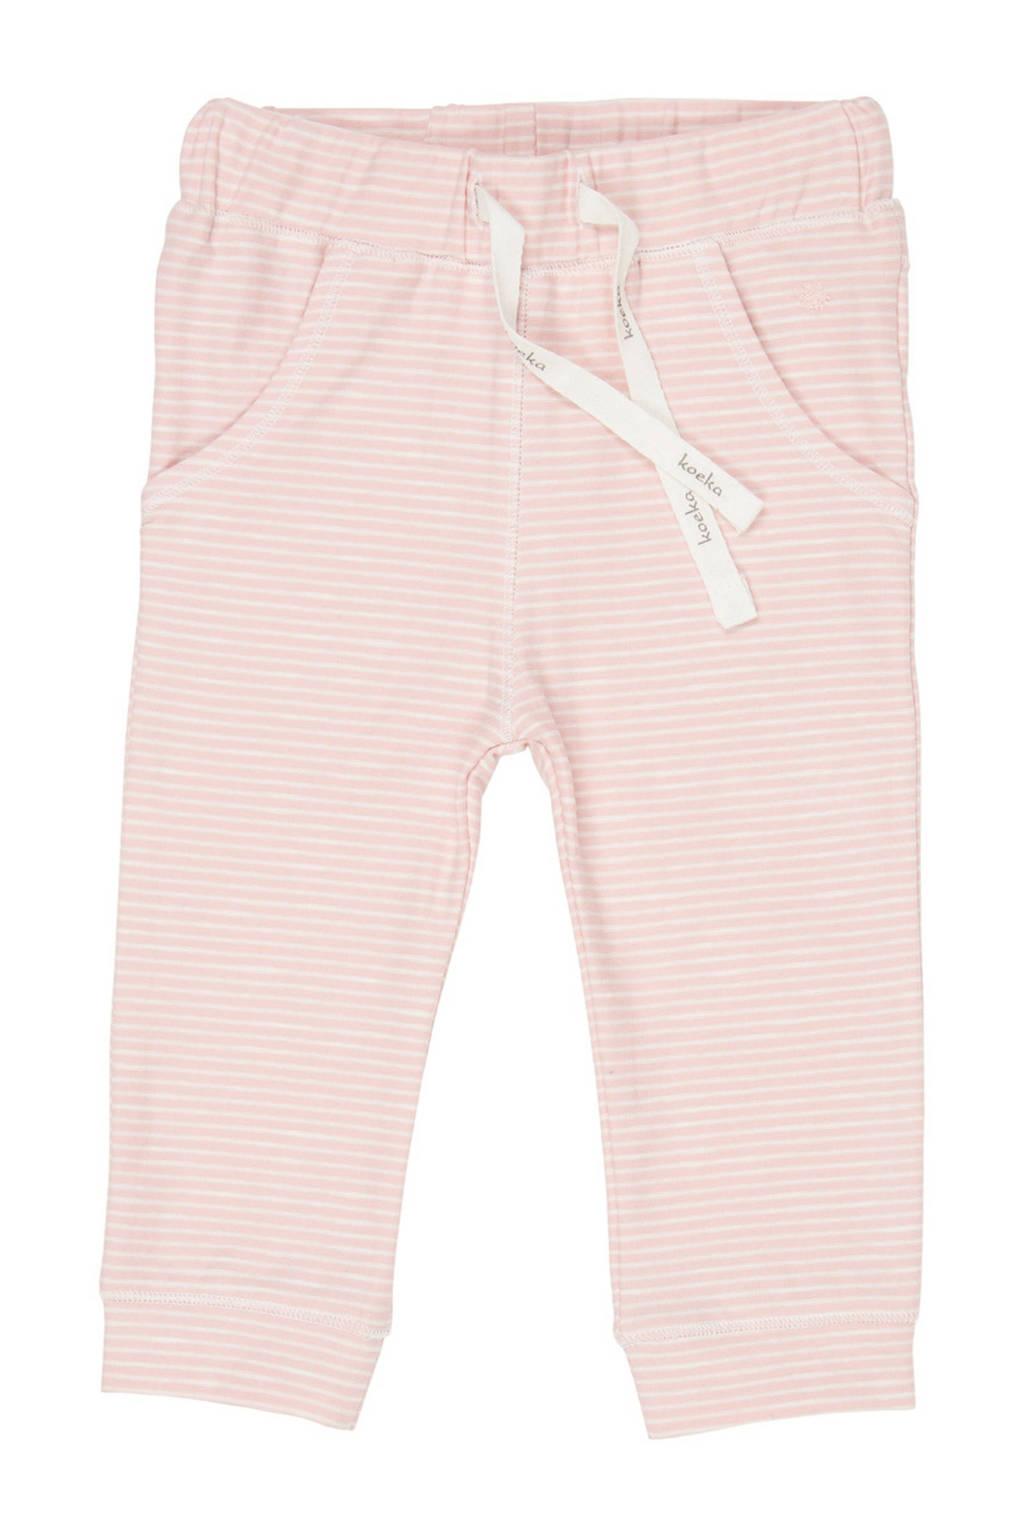 Koeka baby gestreepte broek Linescape roze/wit, Roze/wit